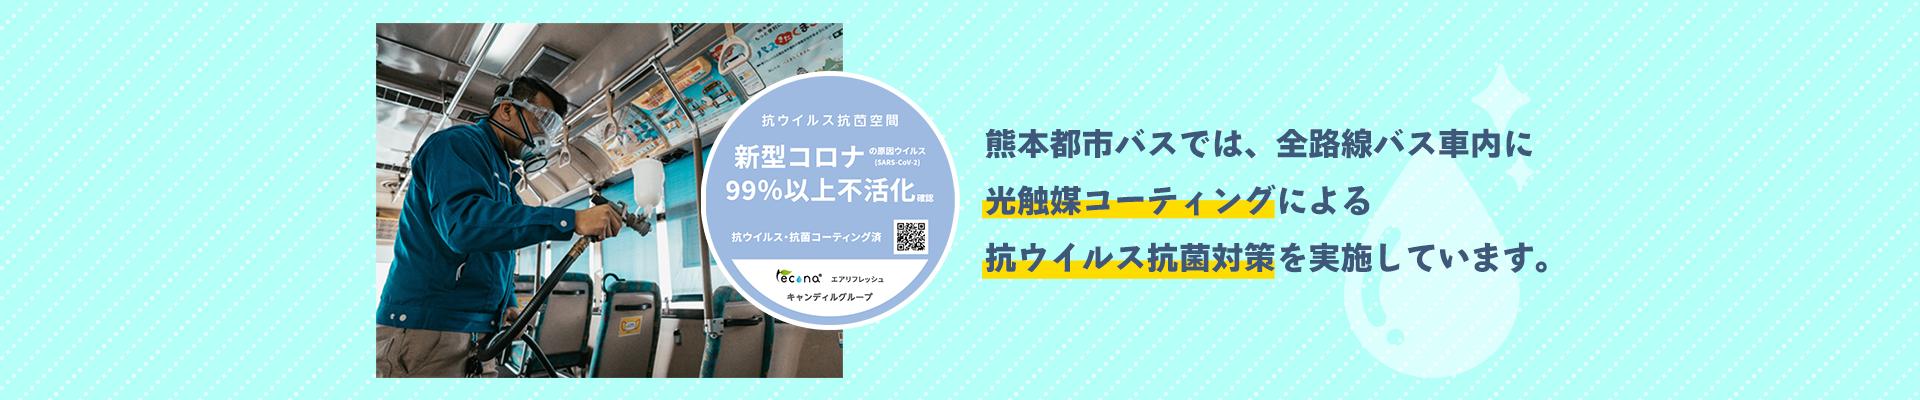 熊本都市バスの抗ウイルス・抗菌対策のご案内イメージ